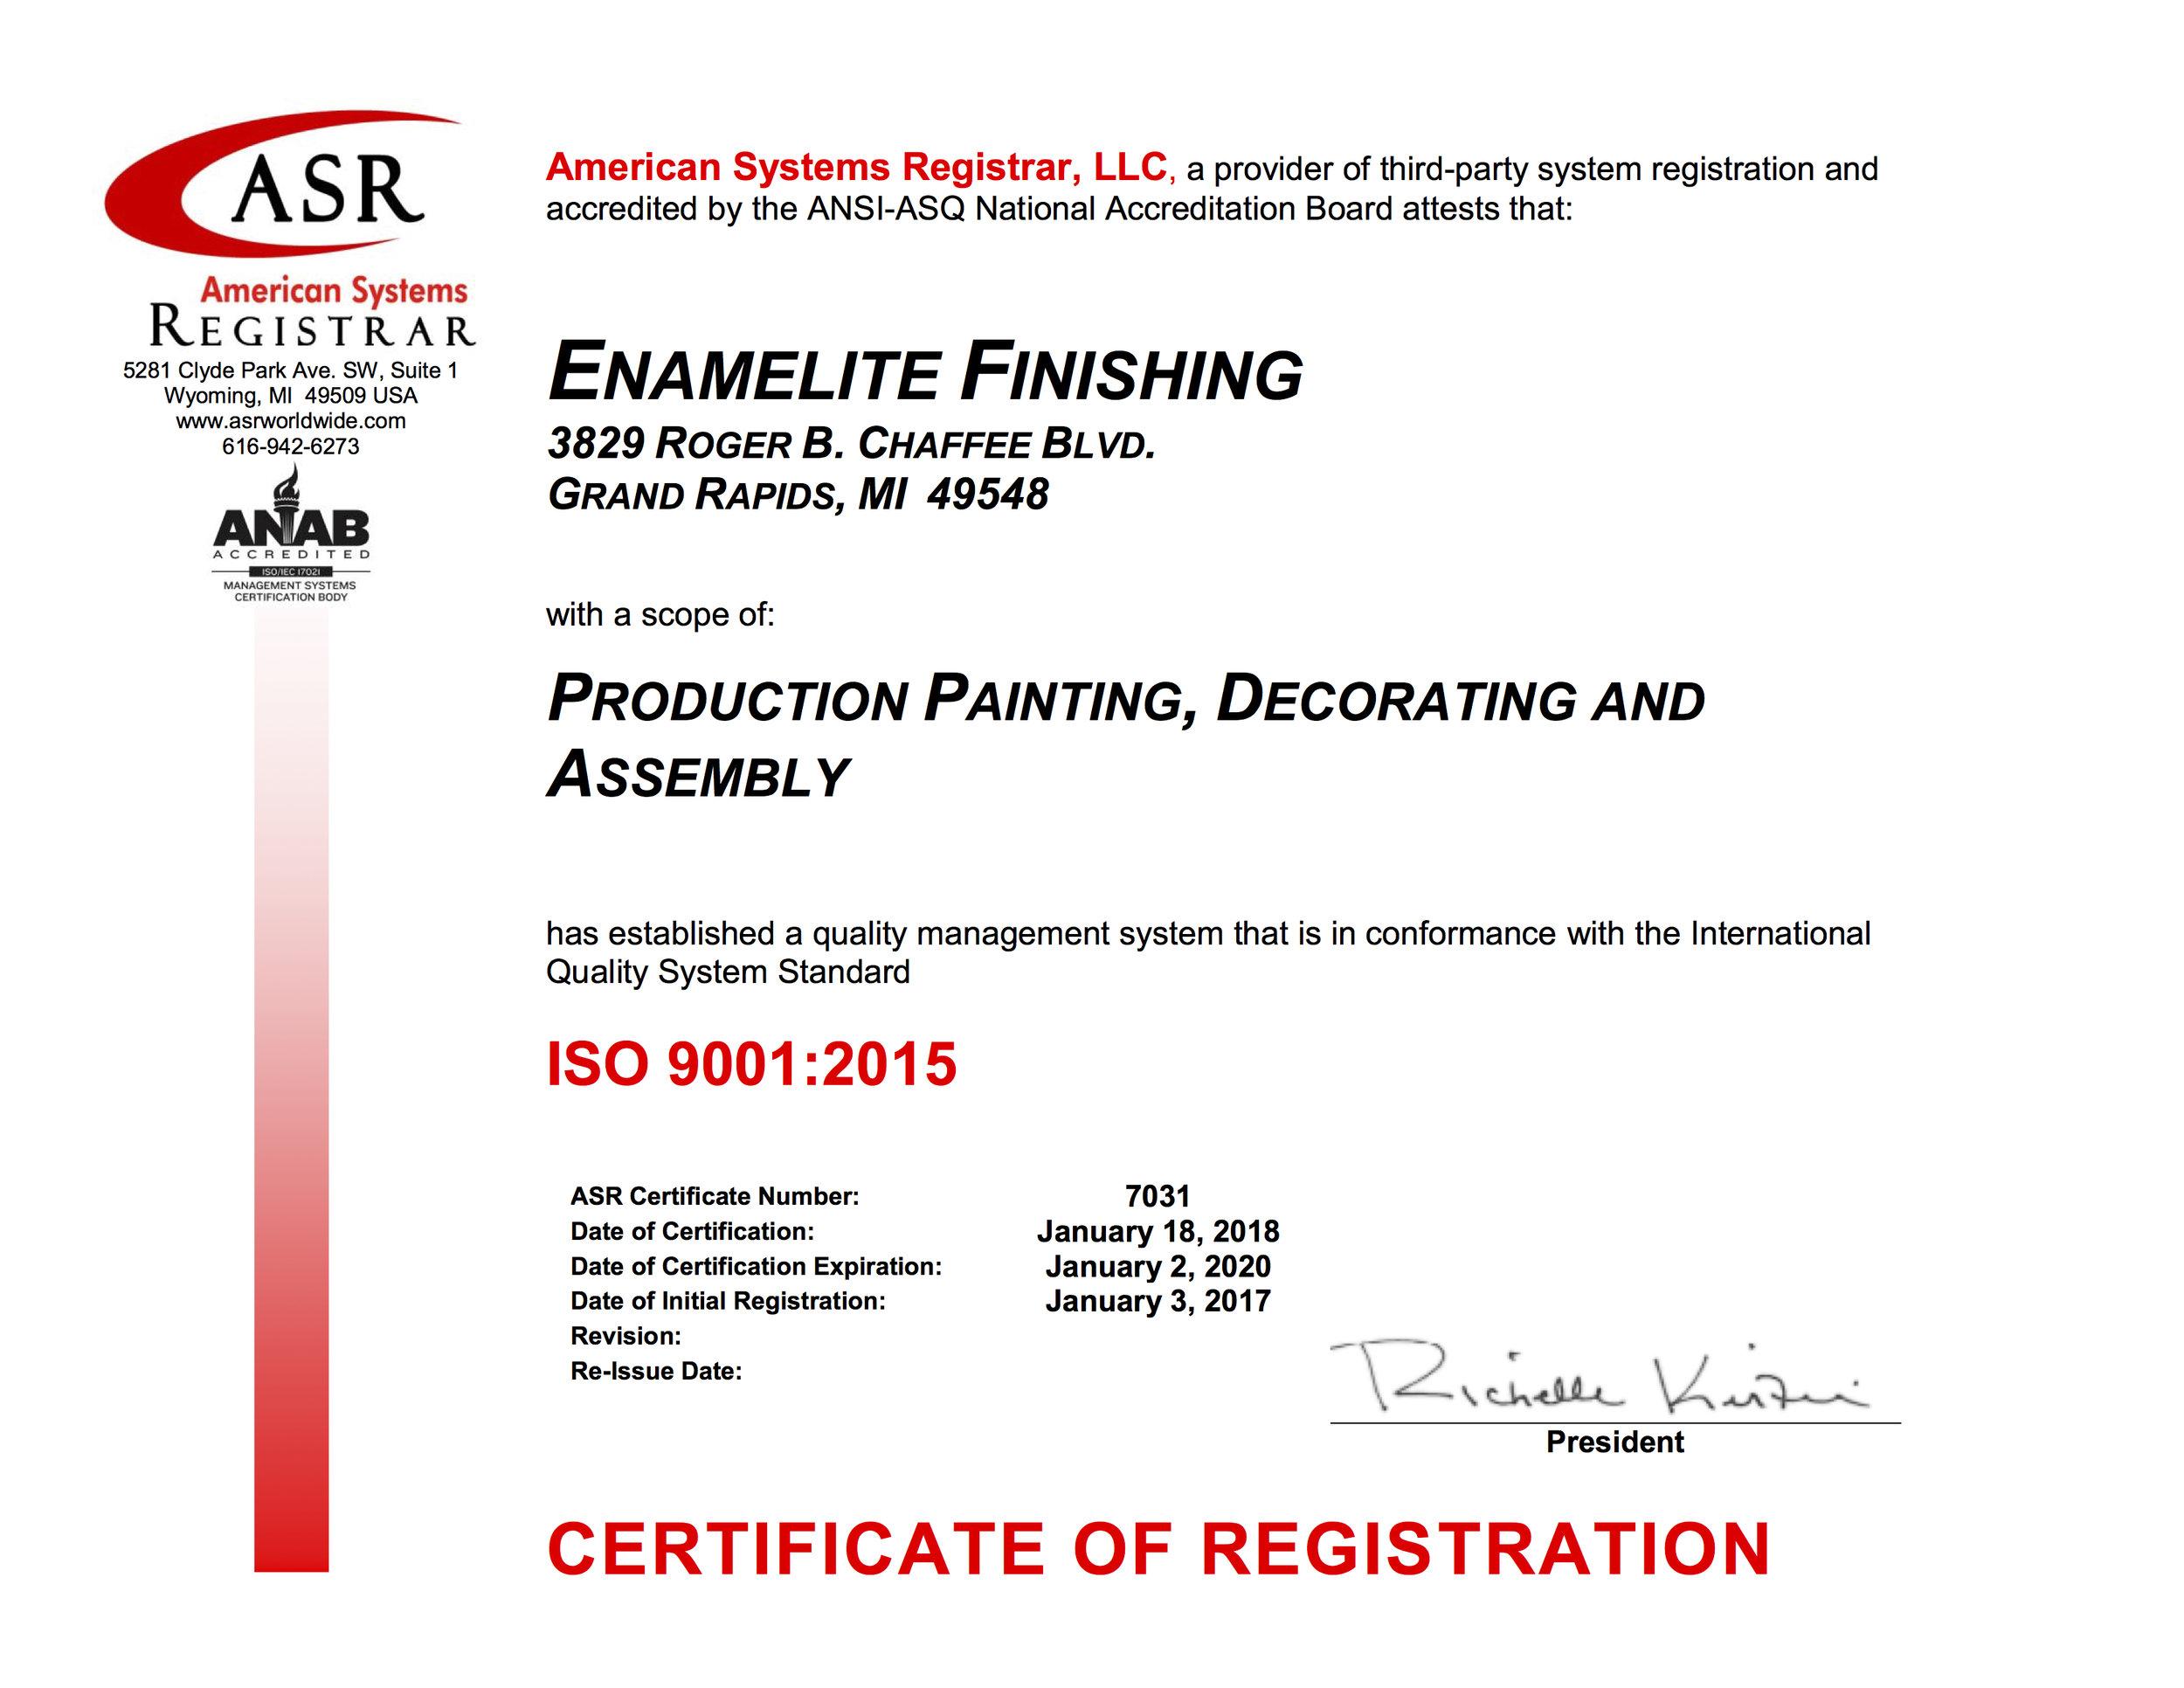 ISO registration certificate, 01_2018.jpg